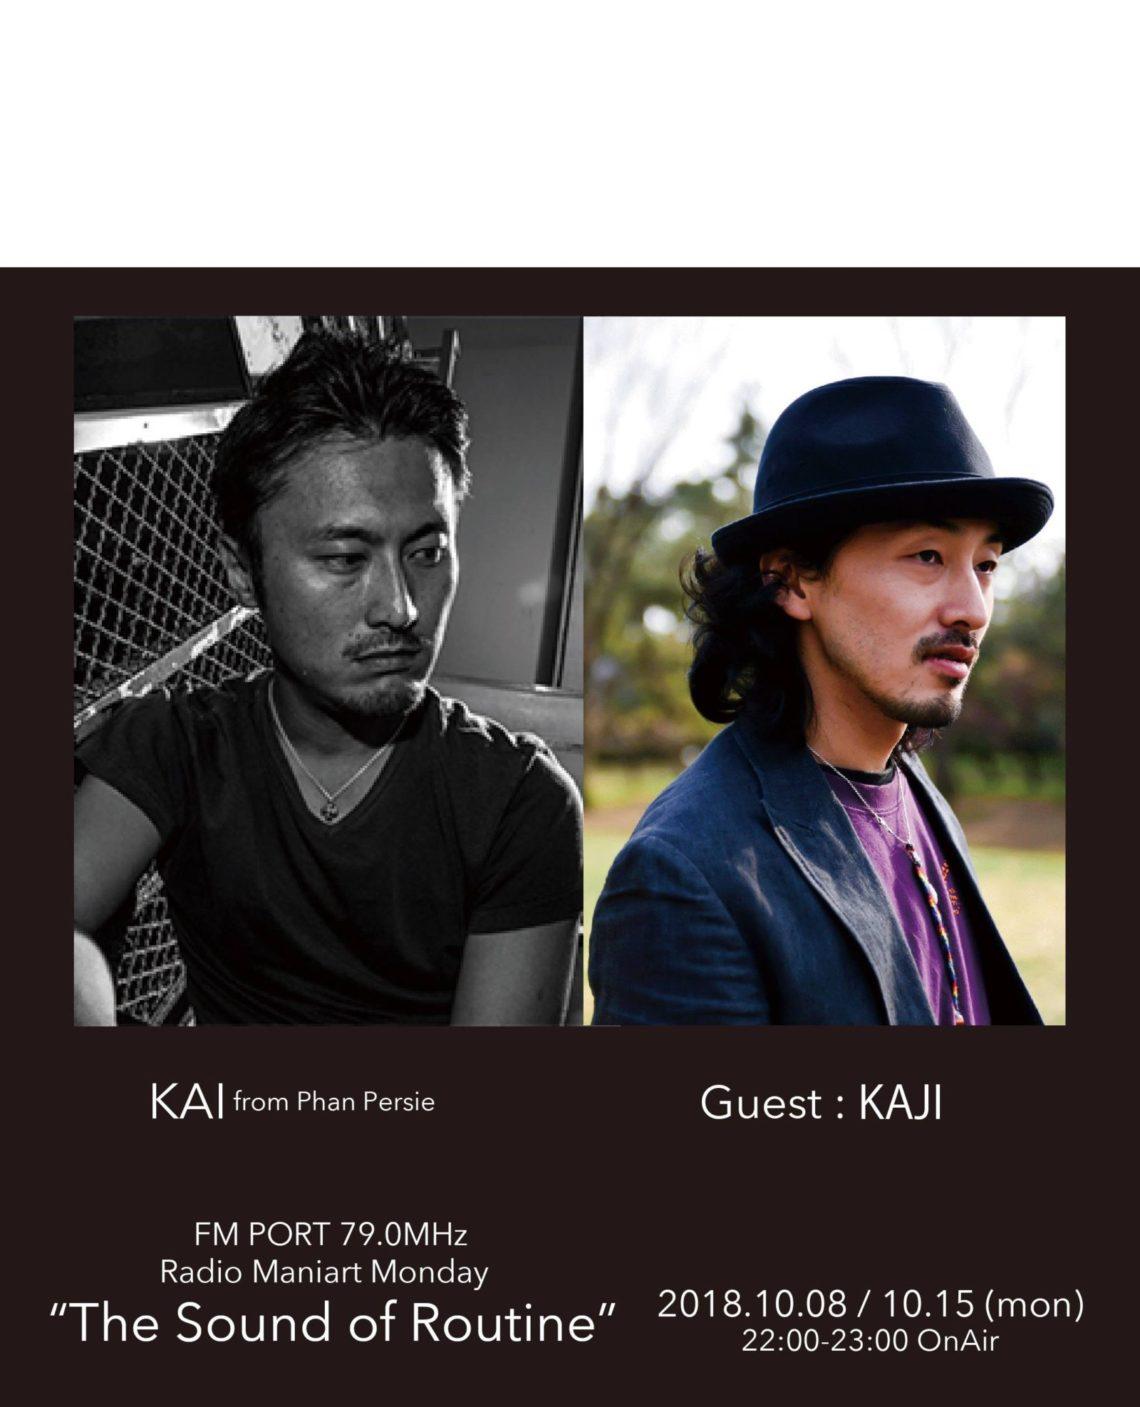 2018.10.8 MON, 10.15 MON – KAI : Navigator on FM PORT / the Sound of Routine – Guest: KAJI